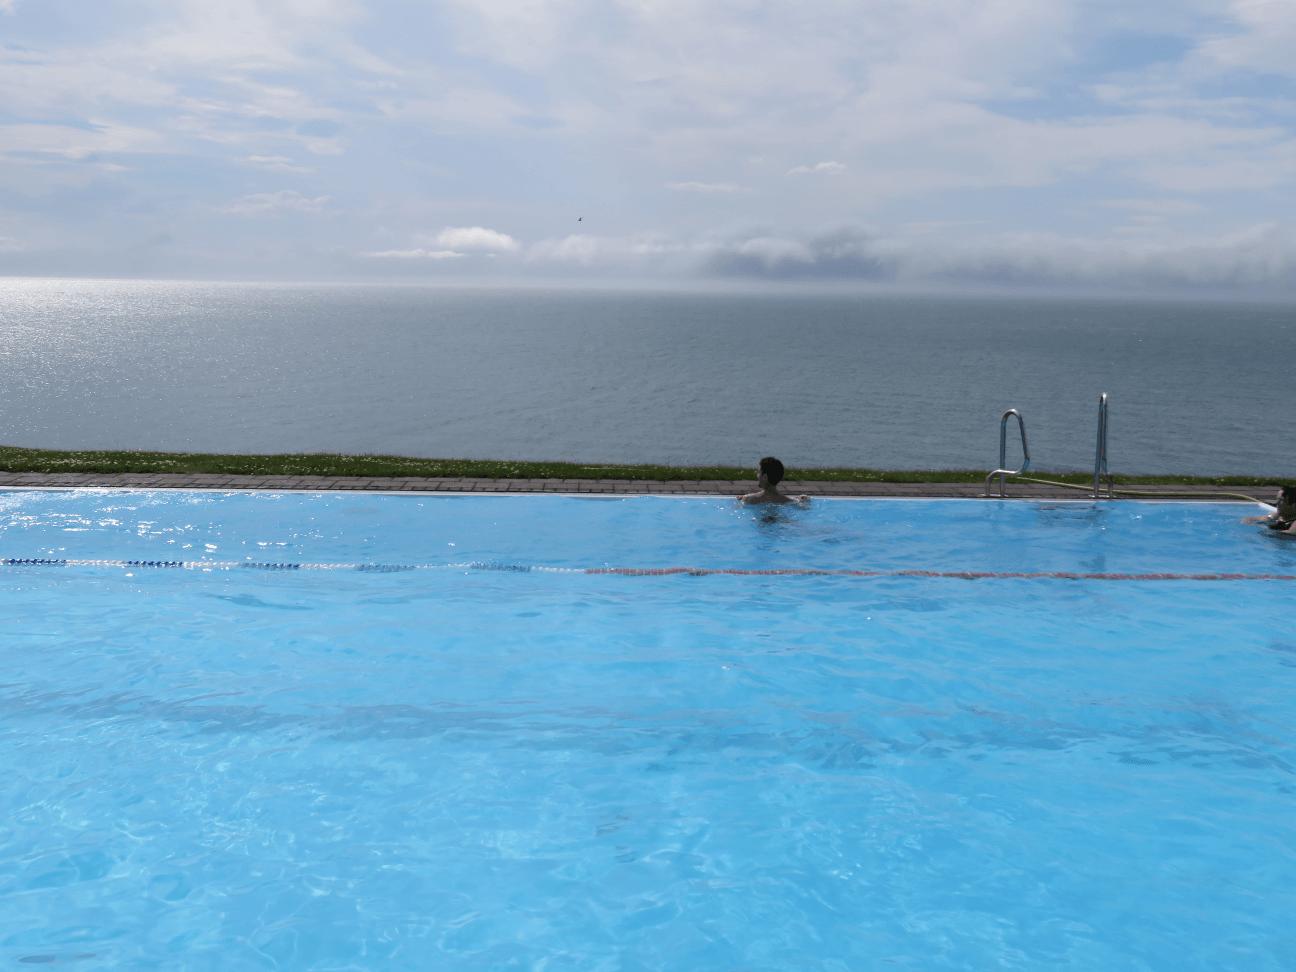 piscine hofsos